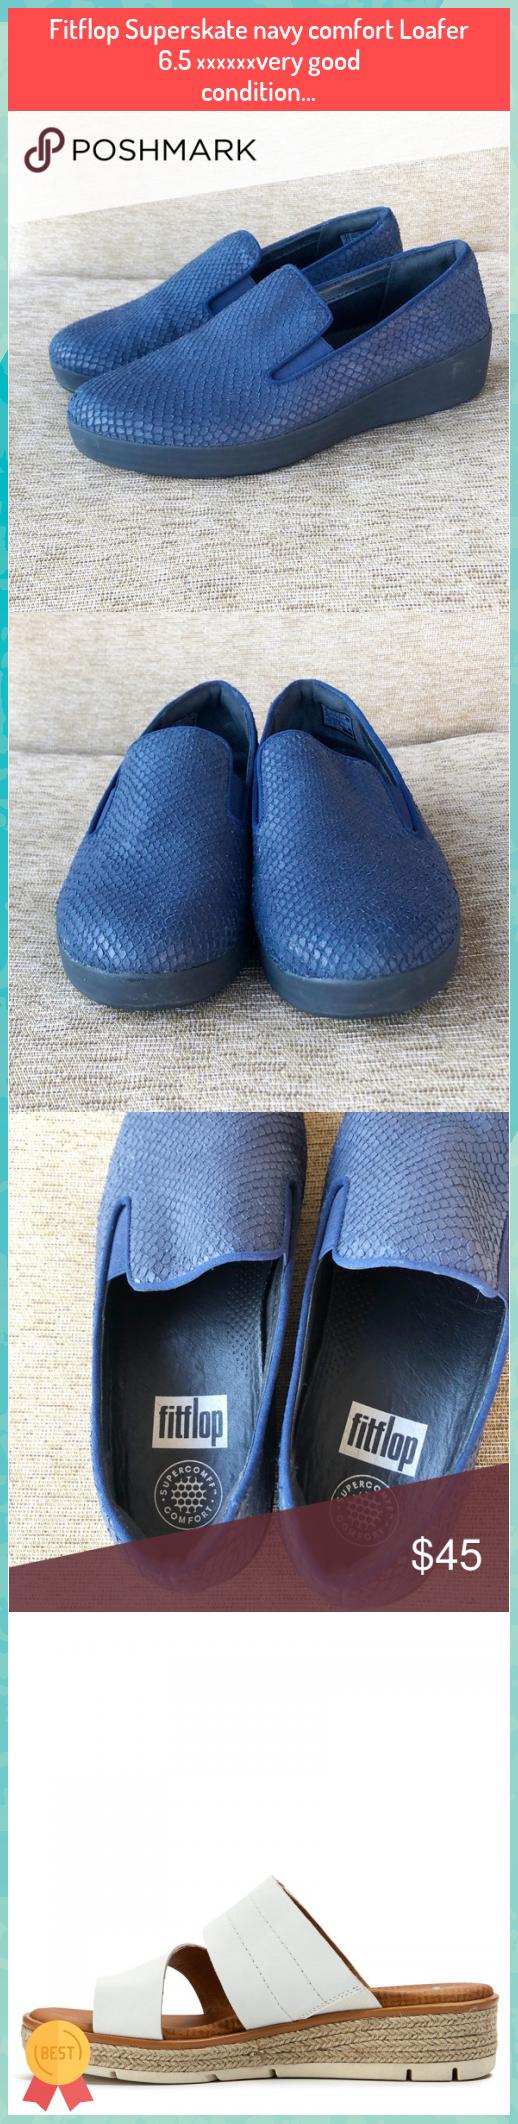 Fitflop Superskate navy comfort Loafer 6.5 ⭐️⭐️⭐️very good condition... #Fitflop #Superskate #navy #comfort #Loafer #6.5 #⭐️⭐️⭐️very #good #condition...